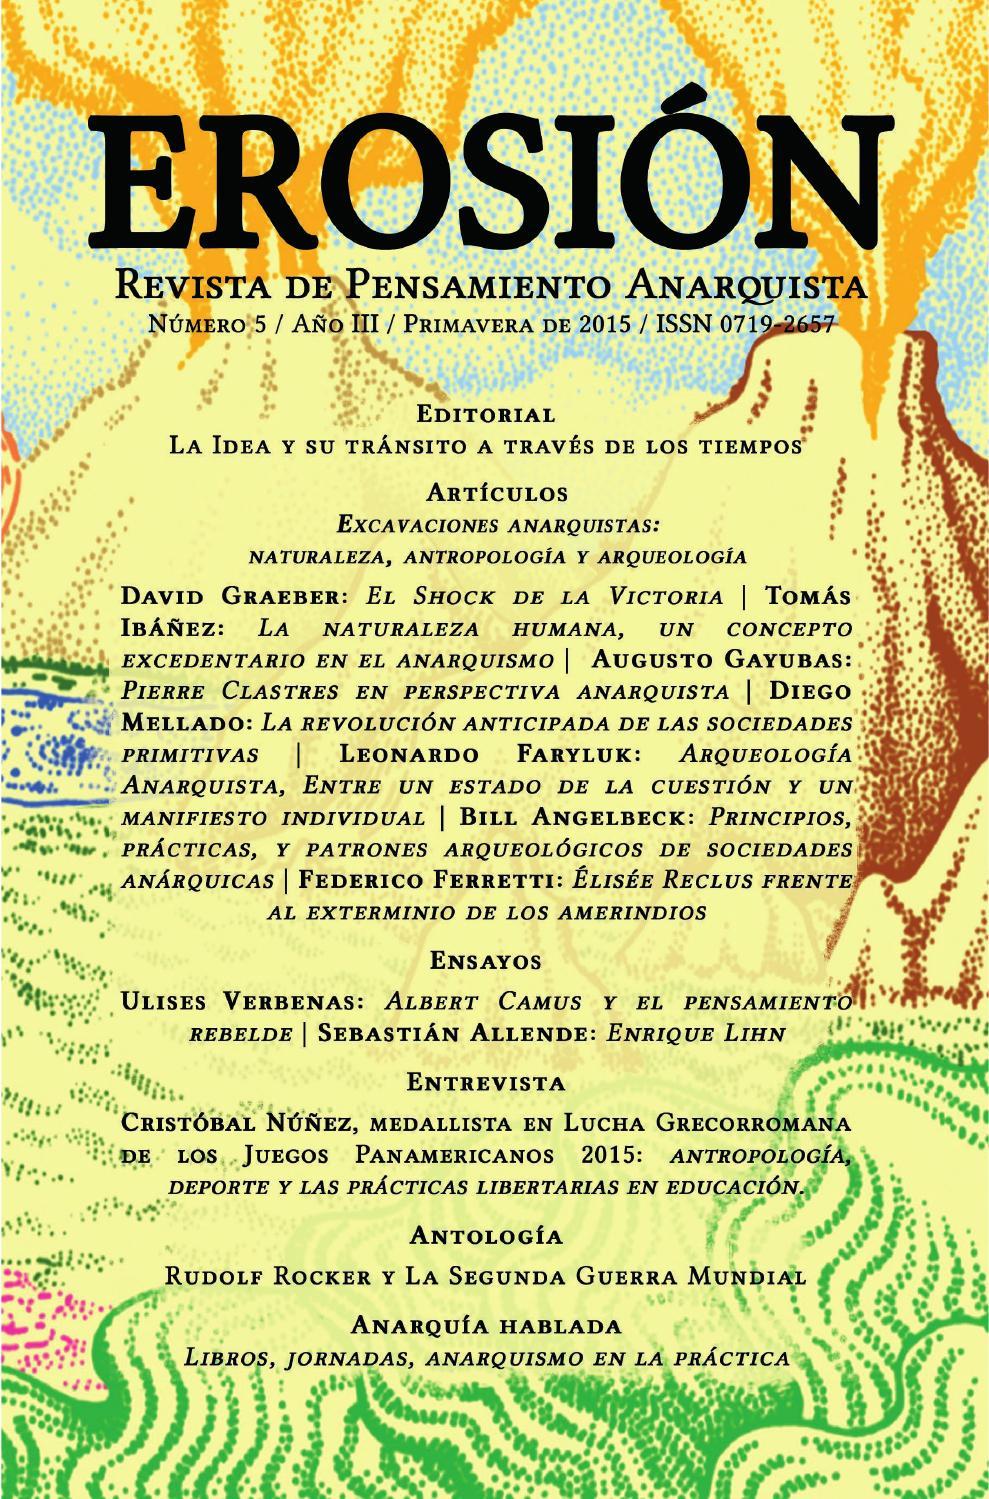 Erosion Revista De Pensamiento Anarquista N 5